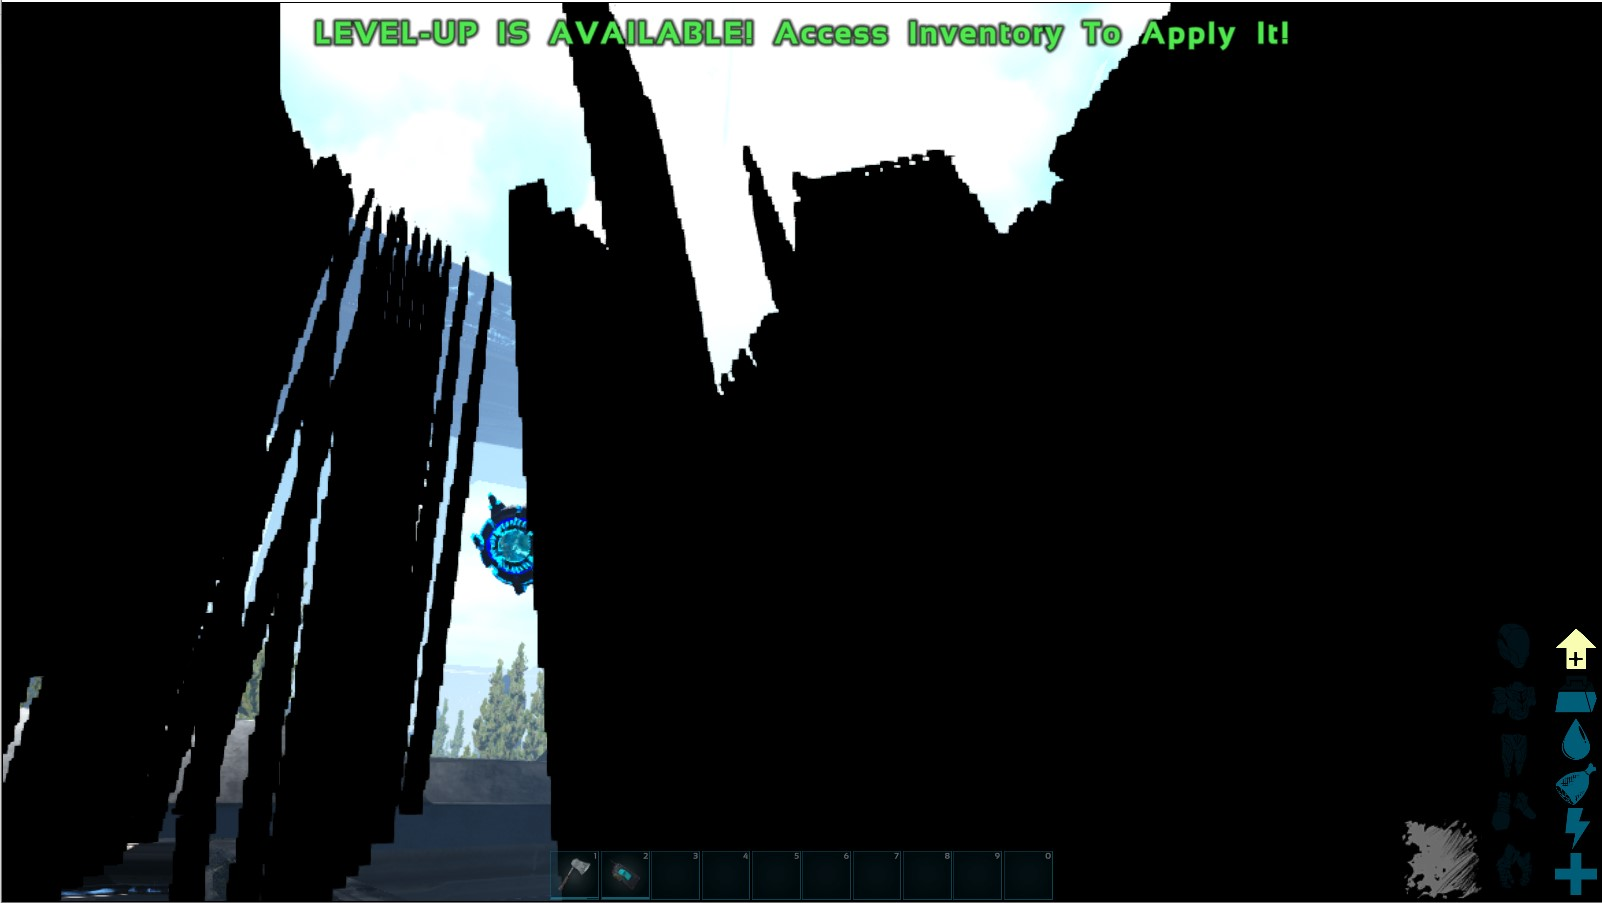 Screenshot 2021-06-04 105911.jpg